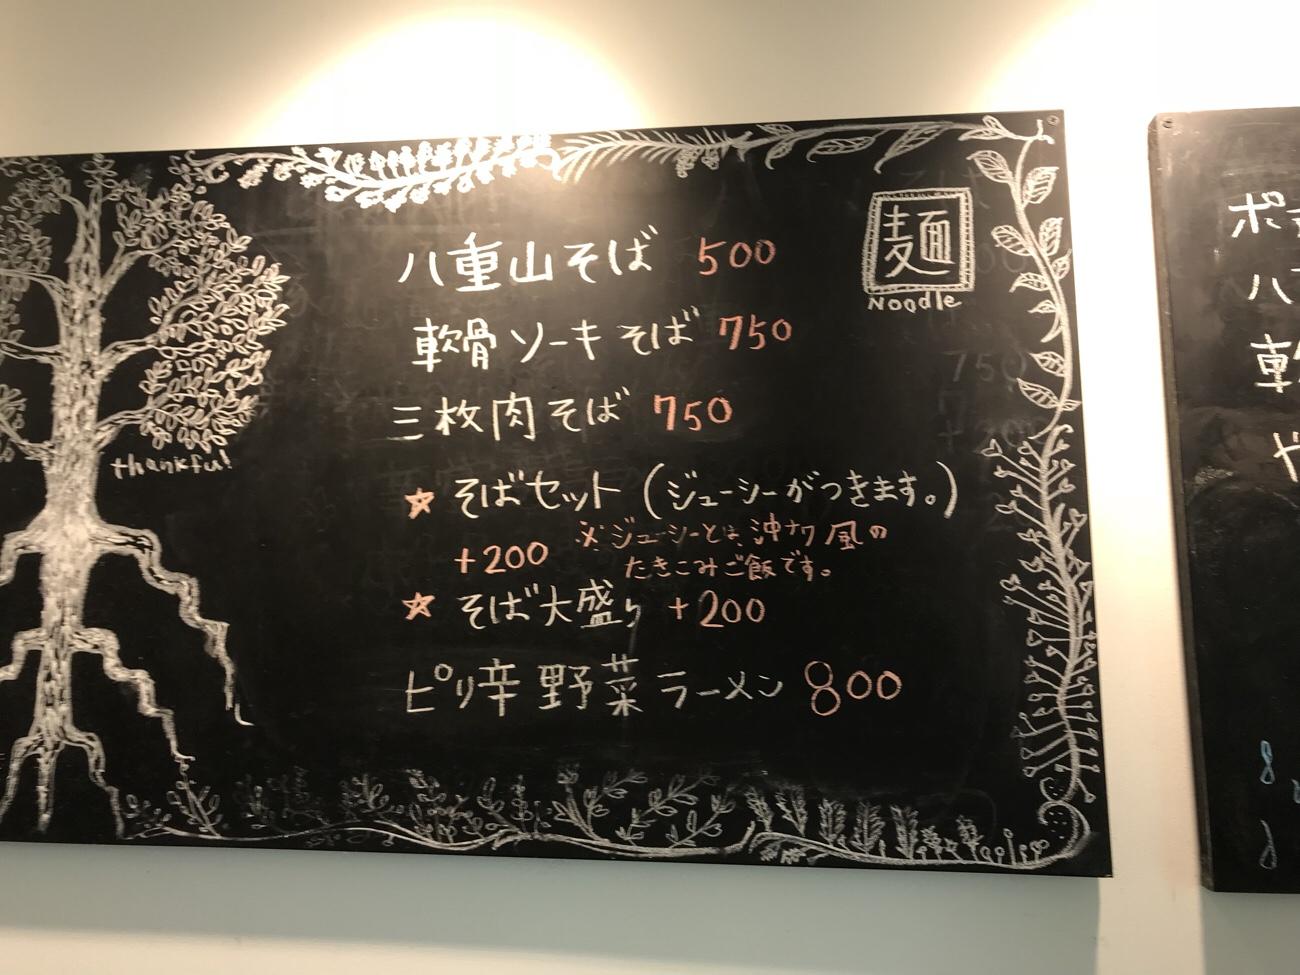 石垣島空港レストラン ゆうなパーラーメニュー